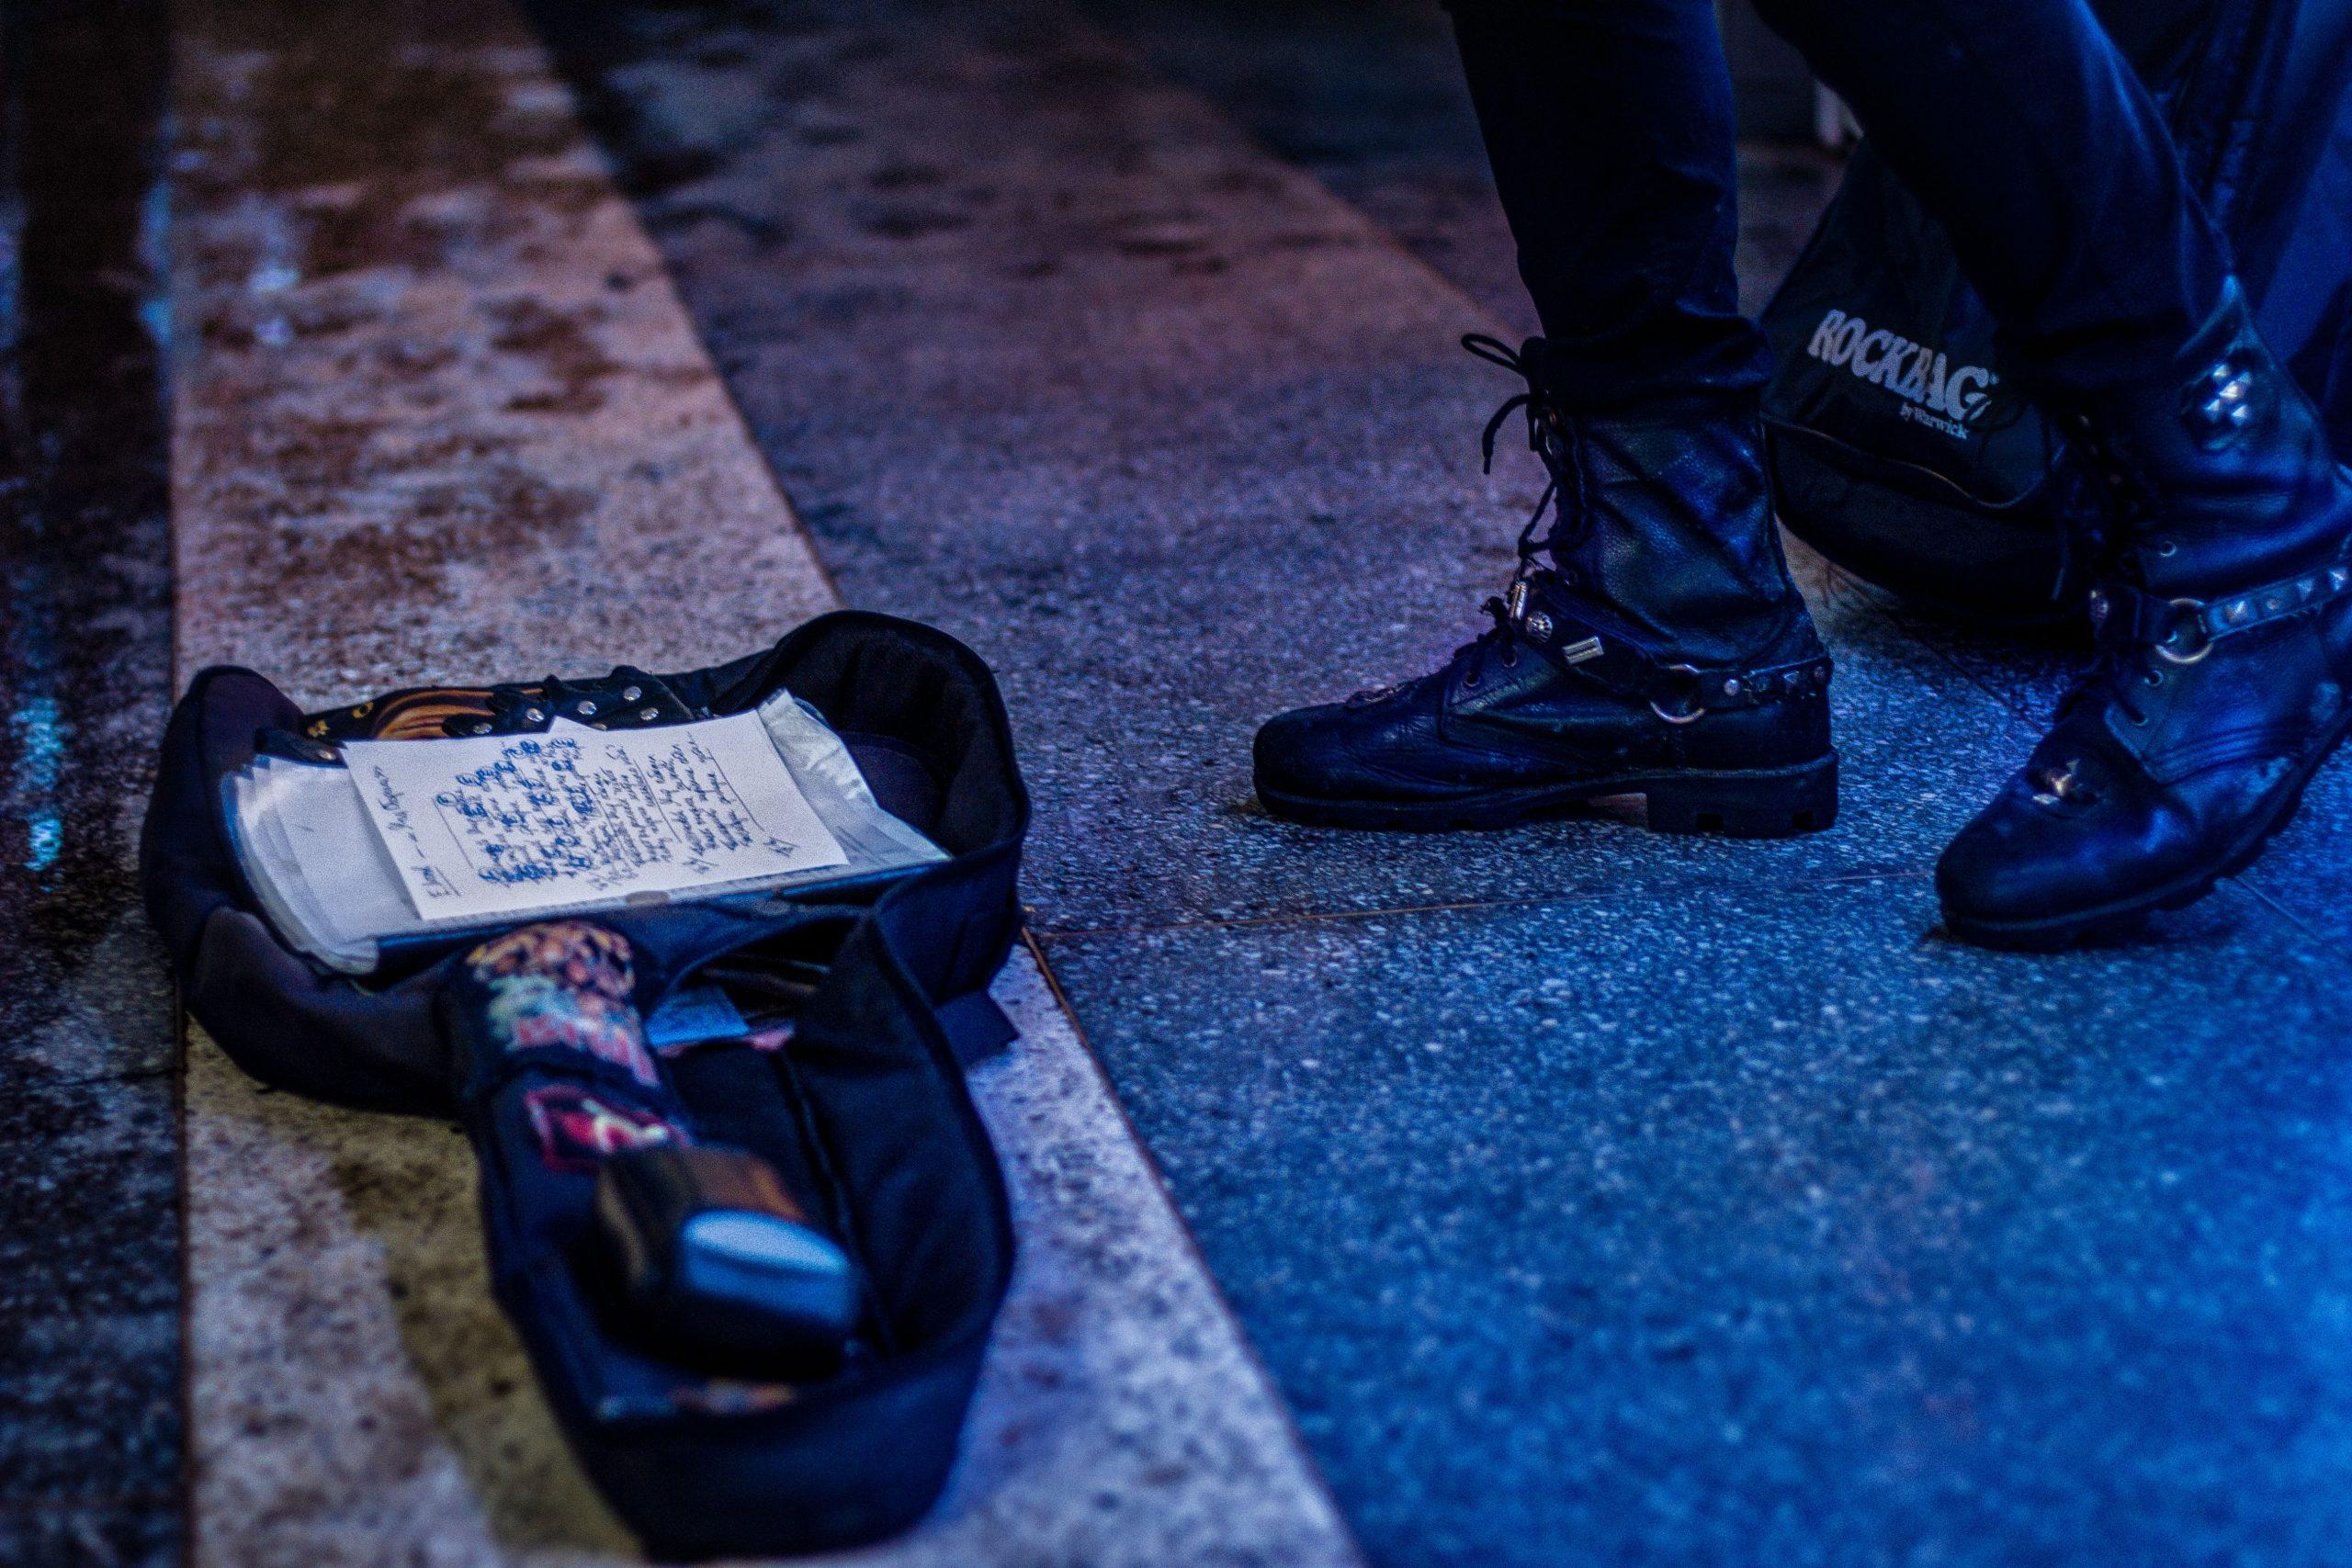 Imagem mostra as pernas de uma pessoa de coturno ao lado de uma bolsa aberta.